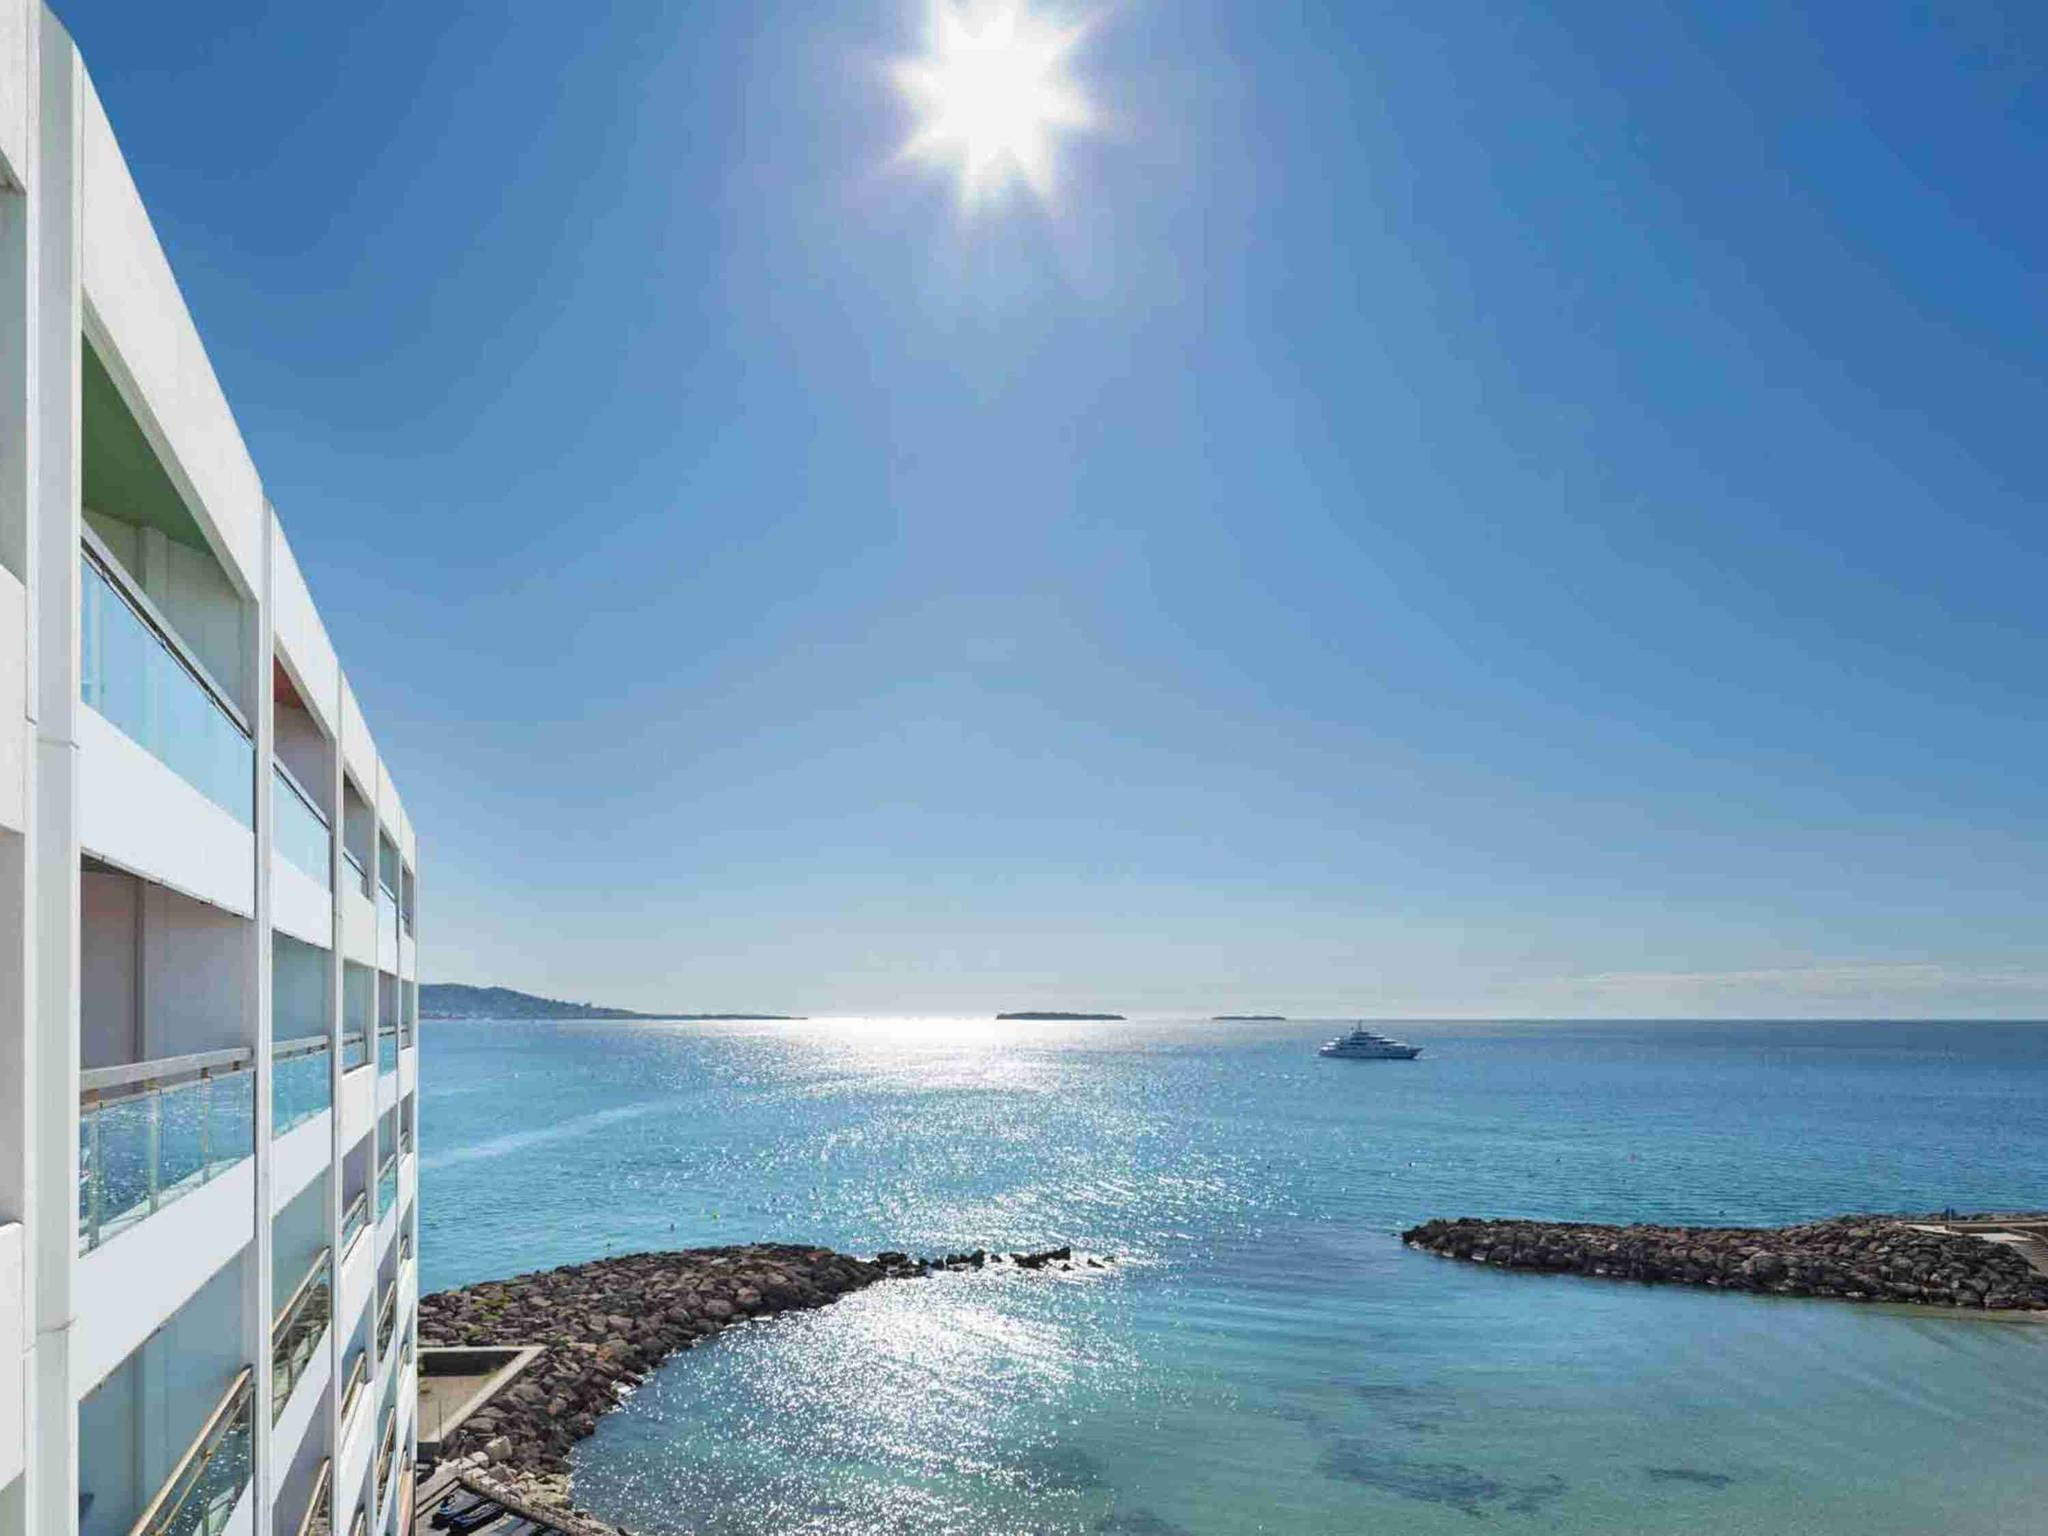 Pullman Cannes Mandelieu Royal Casino. Id?alement situ? les ''pieds dans l'eau'', face ? la baie de Cannes, le Pullman Cannes Mandelieu Royal Casino c